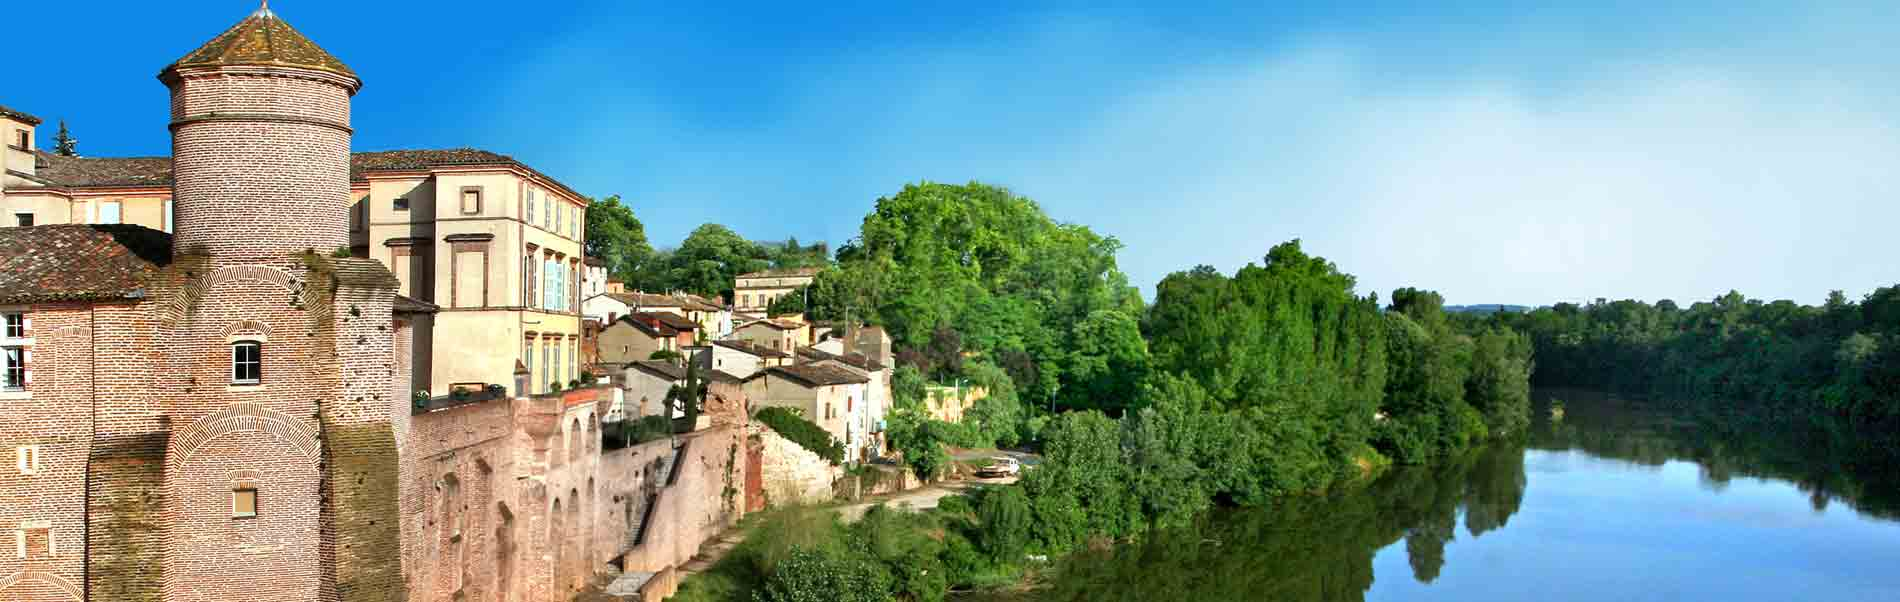 Ville de Gaillac dans le Tarn